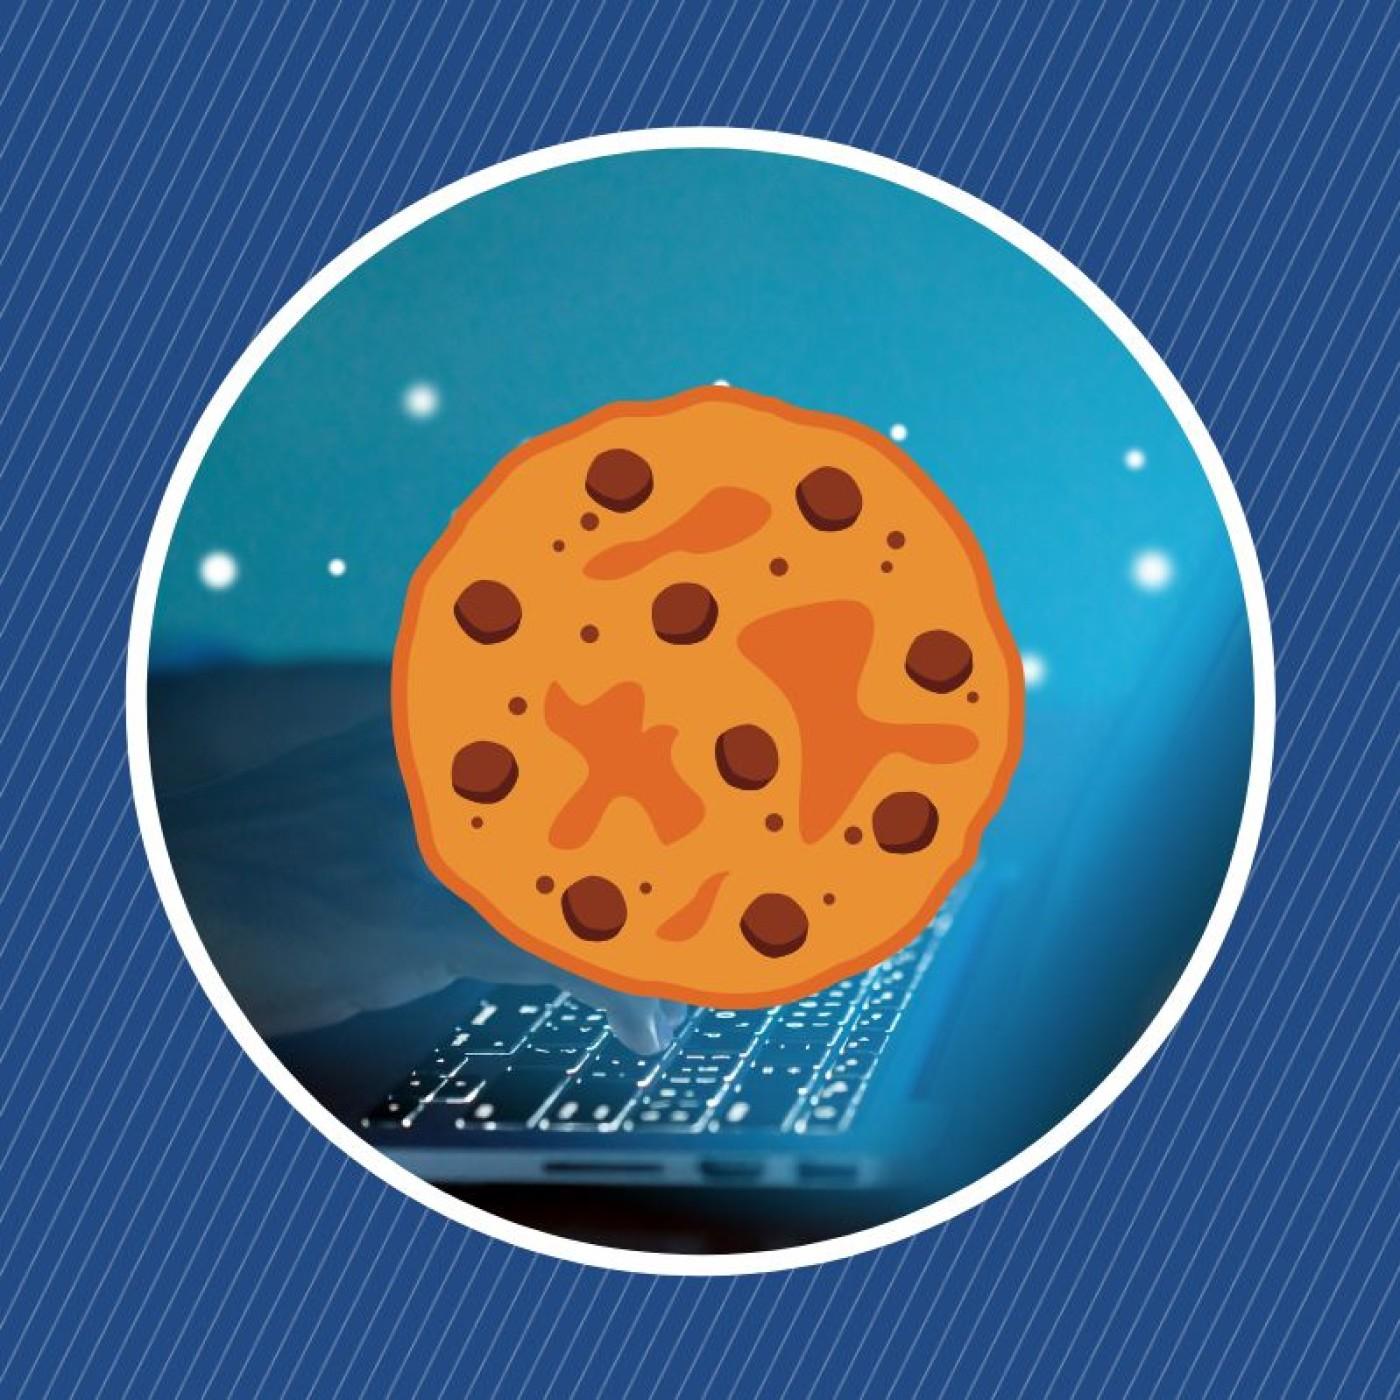 Qu'est-ce qu'un cookie (informatique) ?